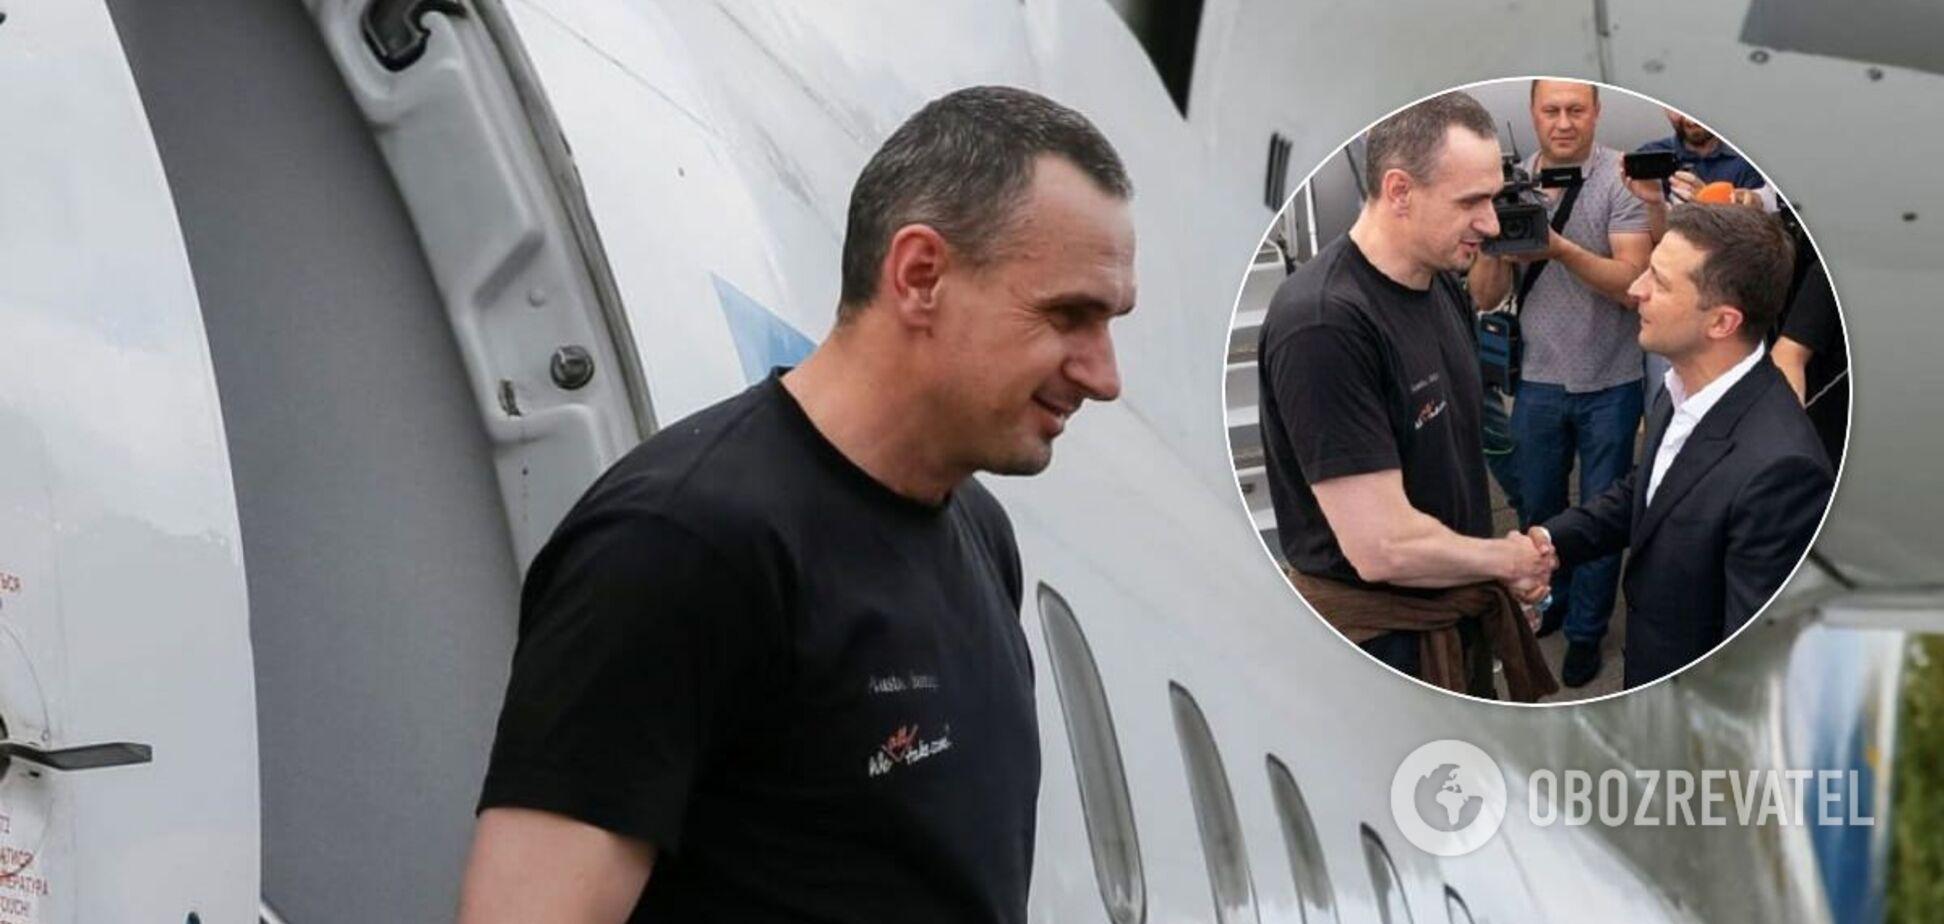 Сенцов рассказал, почему его освободили из плена в России